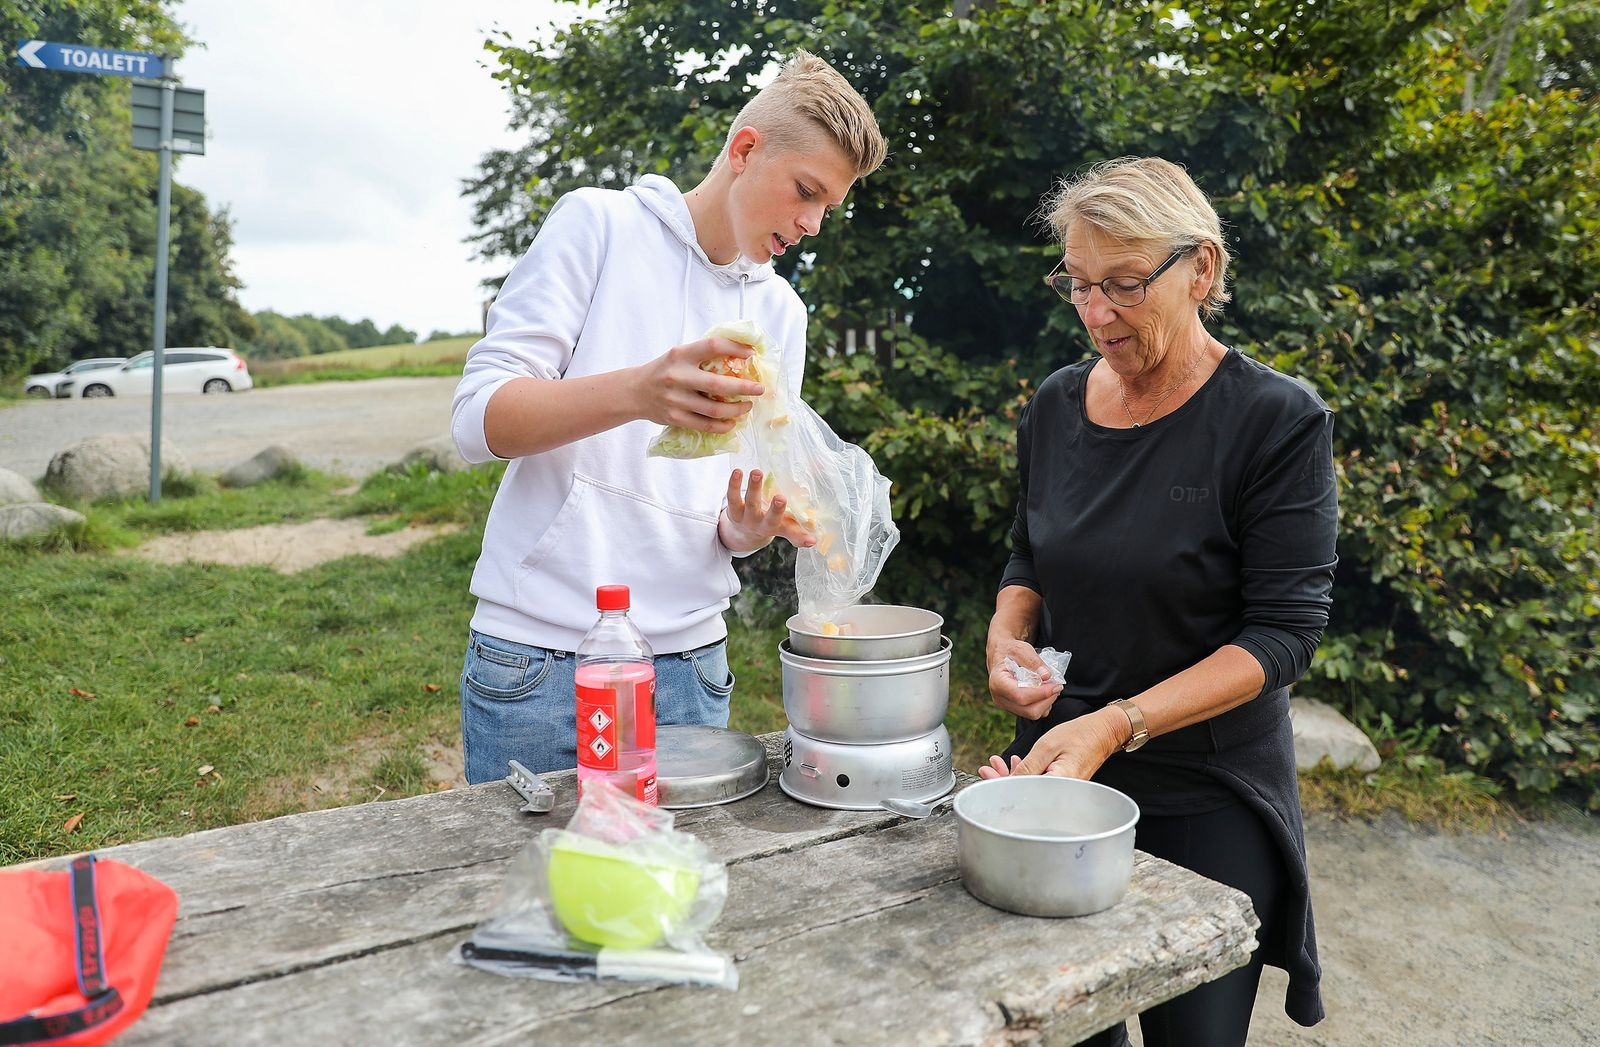 Lunchen, en korv- och rotfruktssoppa, fick eleverna tillaga på stormkök. Emil Fogelberg häller i de färdigskurna grönsakerna i kastrullen under läraren Randi Madsens uppsikt.